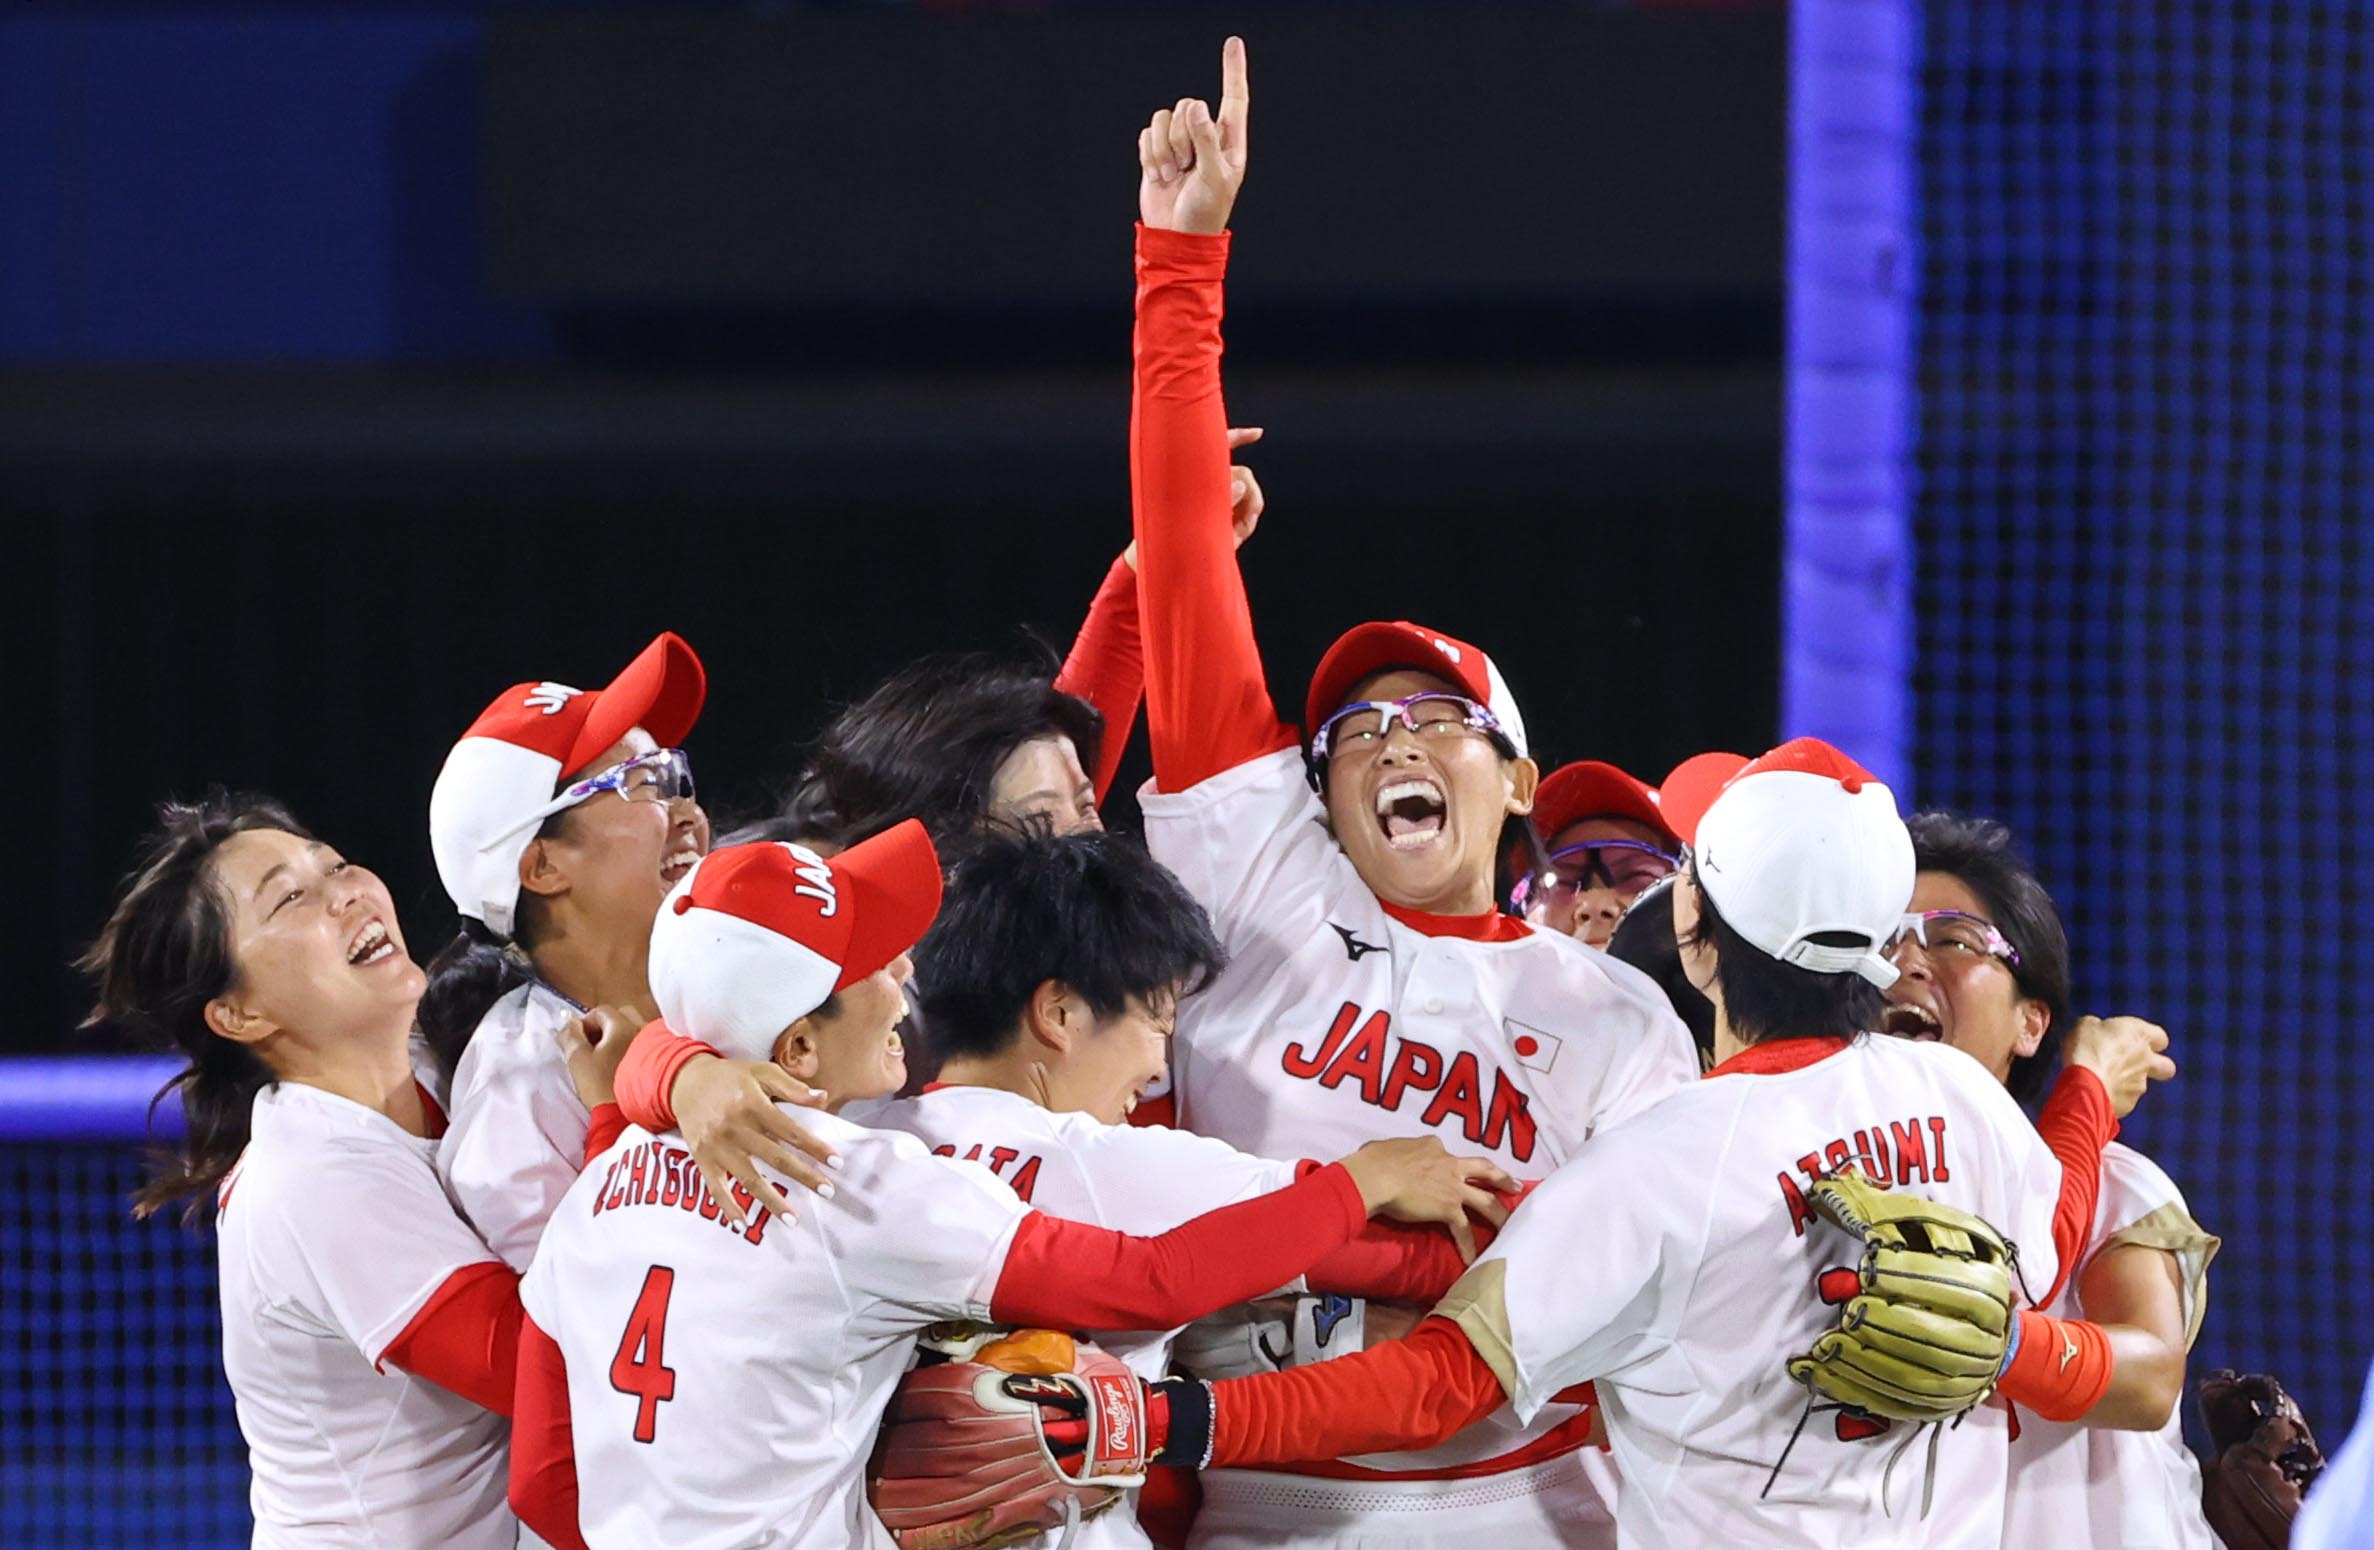 【東京五輪2020 ソフトボール 決勝】〈アメリカ対日本〉アメリカを破って金メダルを獲得し、喜ぶ日本代表ナイン=27日、横浜スタジアム(納冨康撮影)